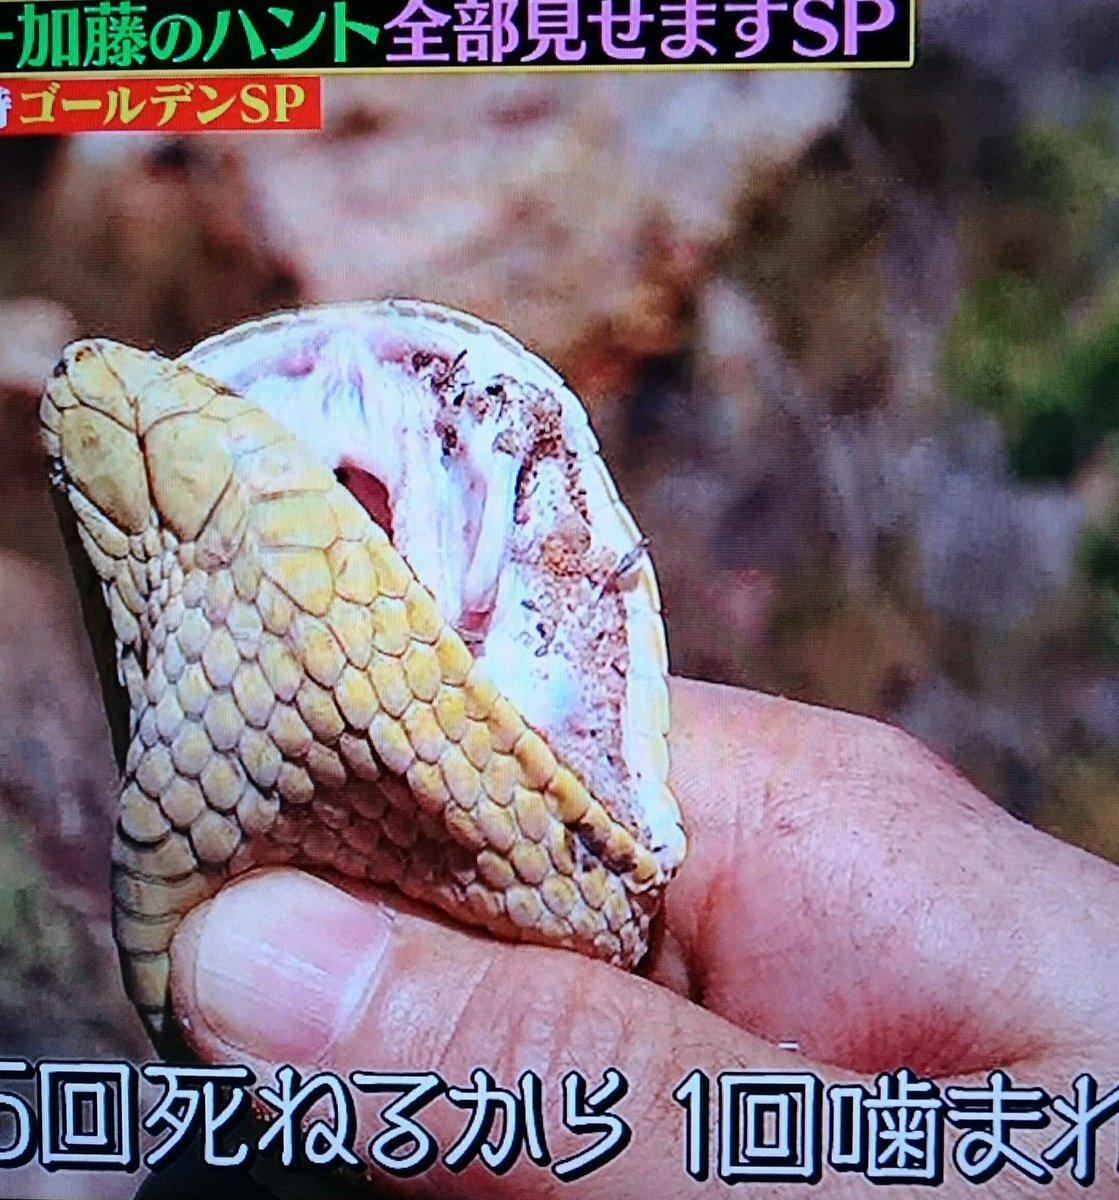 ハンター 爬虫類 クレイジー ジャーニー